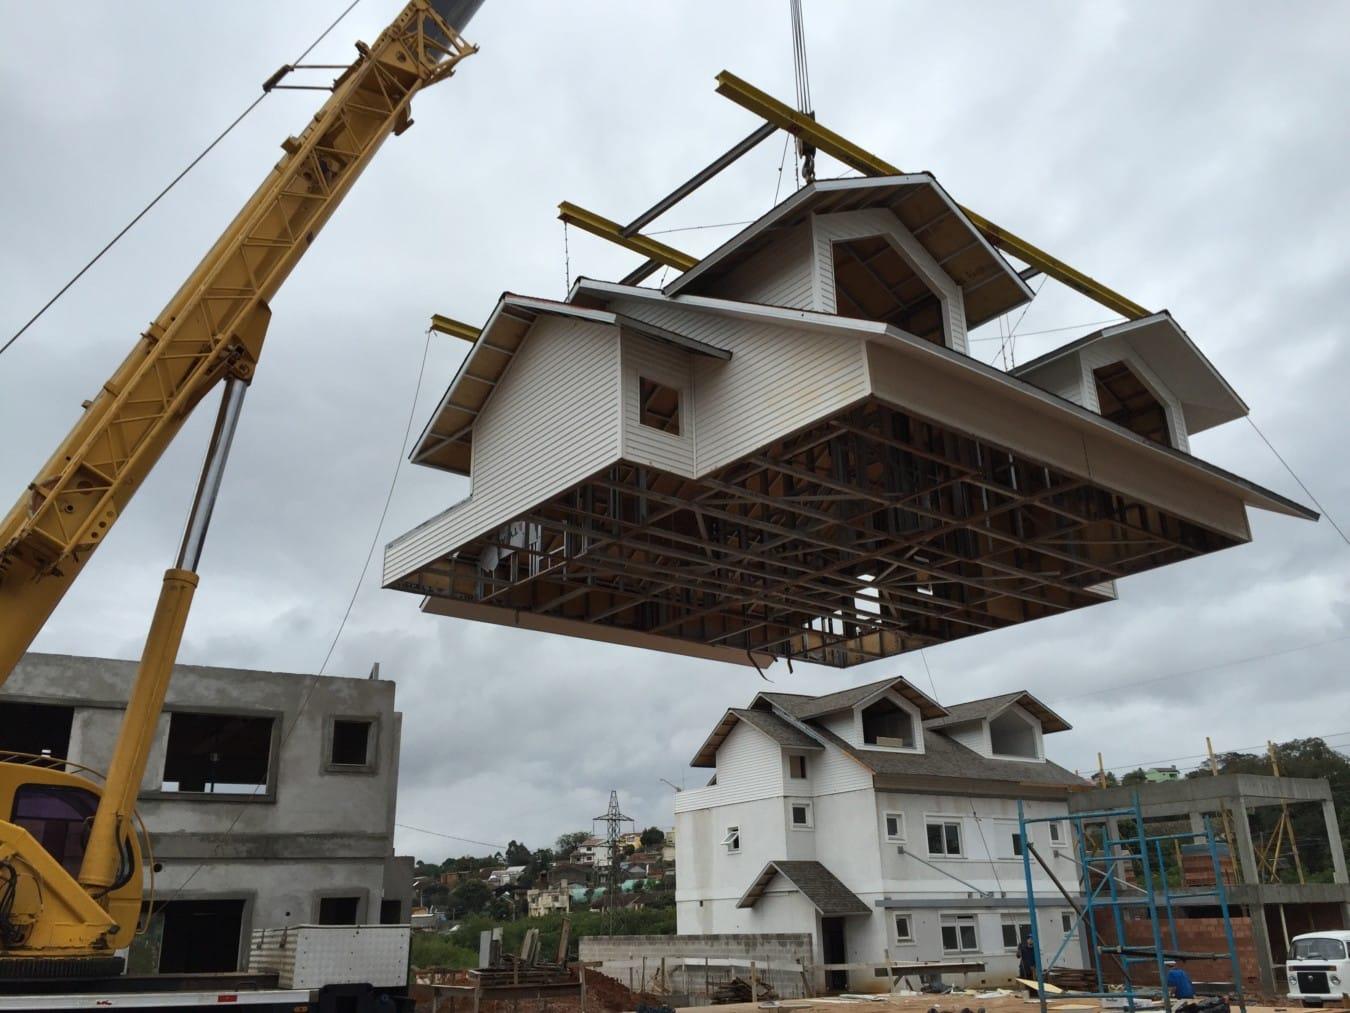 2 - Creche será erguida em um dia no Recife